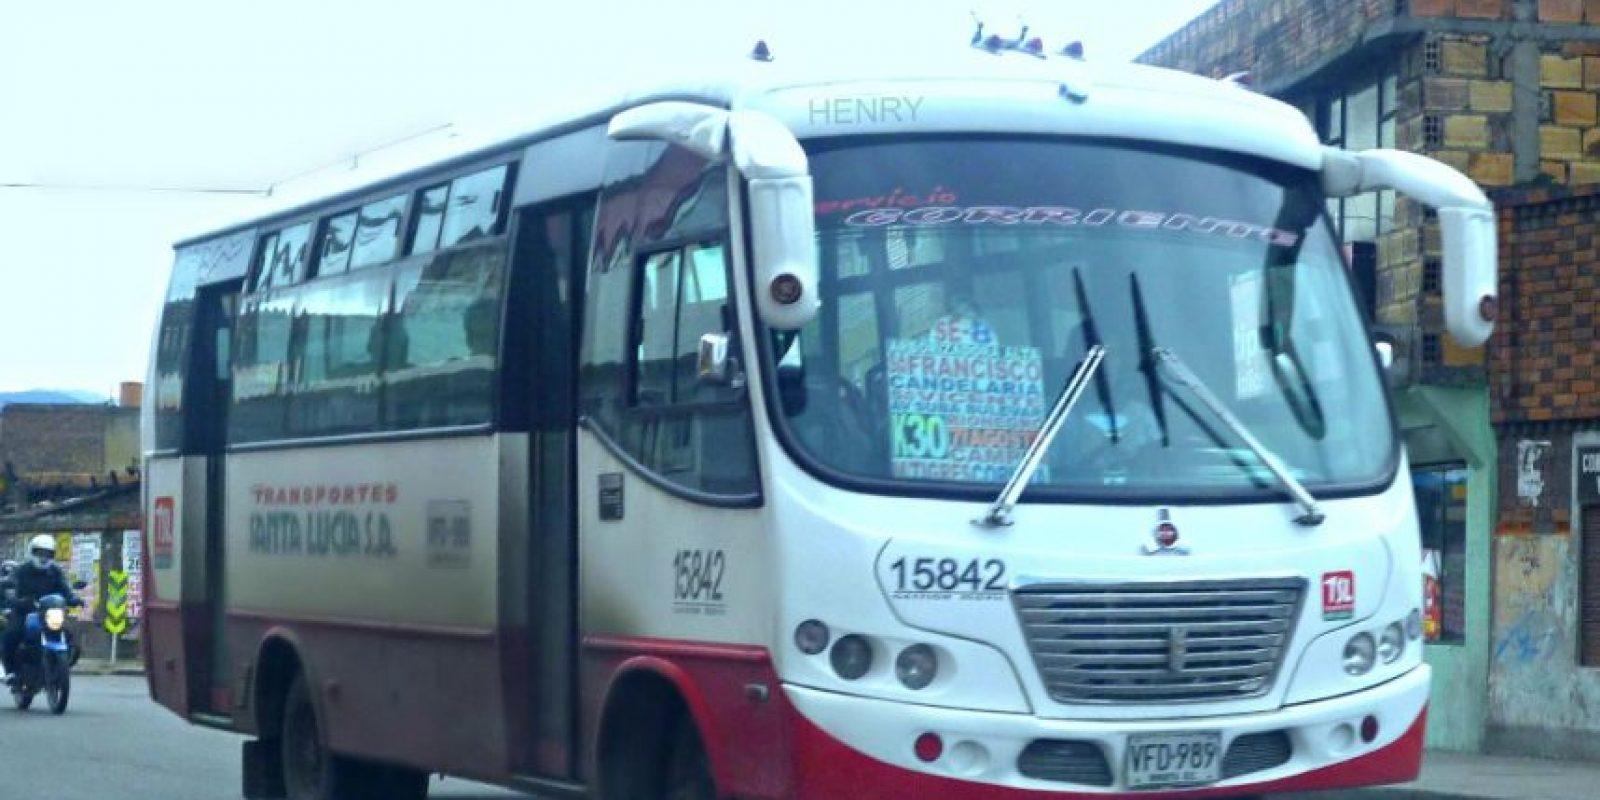 """La idea es mostrar las mejores """"lanchas"""", o buses, para generar sentido de pertenencia hacía los carros de transporte público en Colombia. Foto:Facebook Buseteros con estilo"""